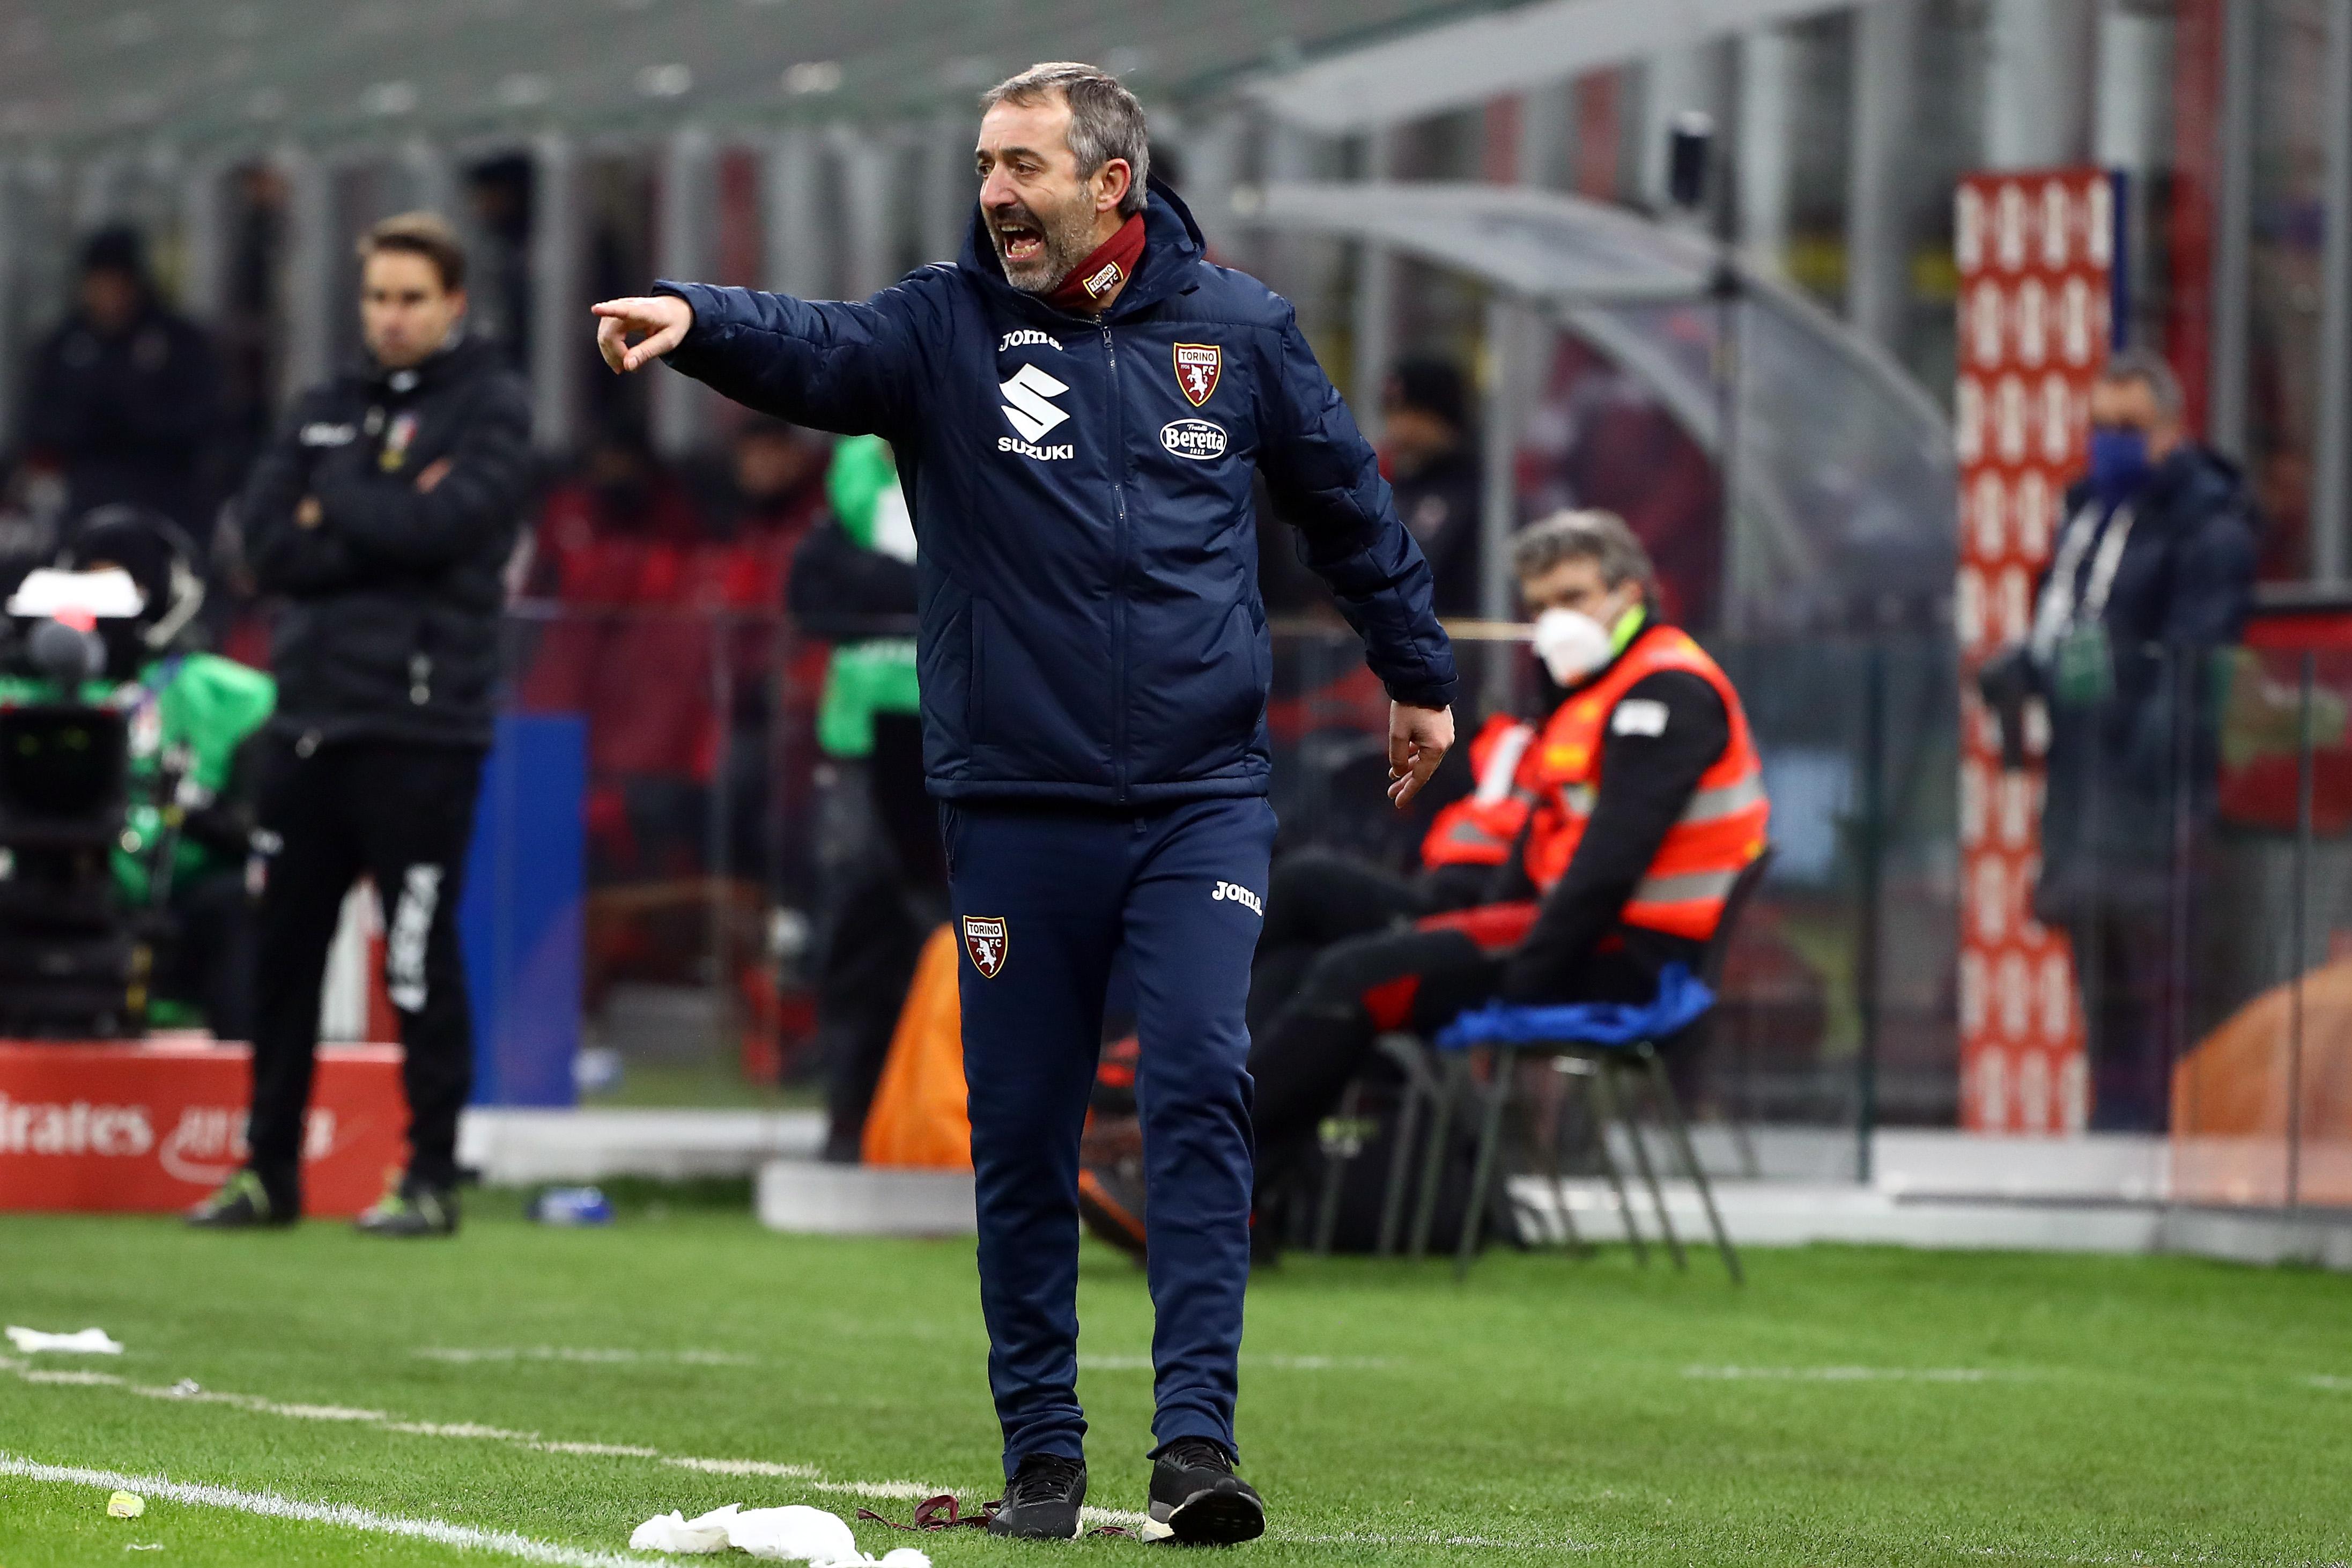 Треньорът на Торино Марко Джампаоло очаква сериозен сблъсък срещу Специя